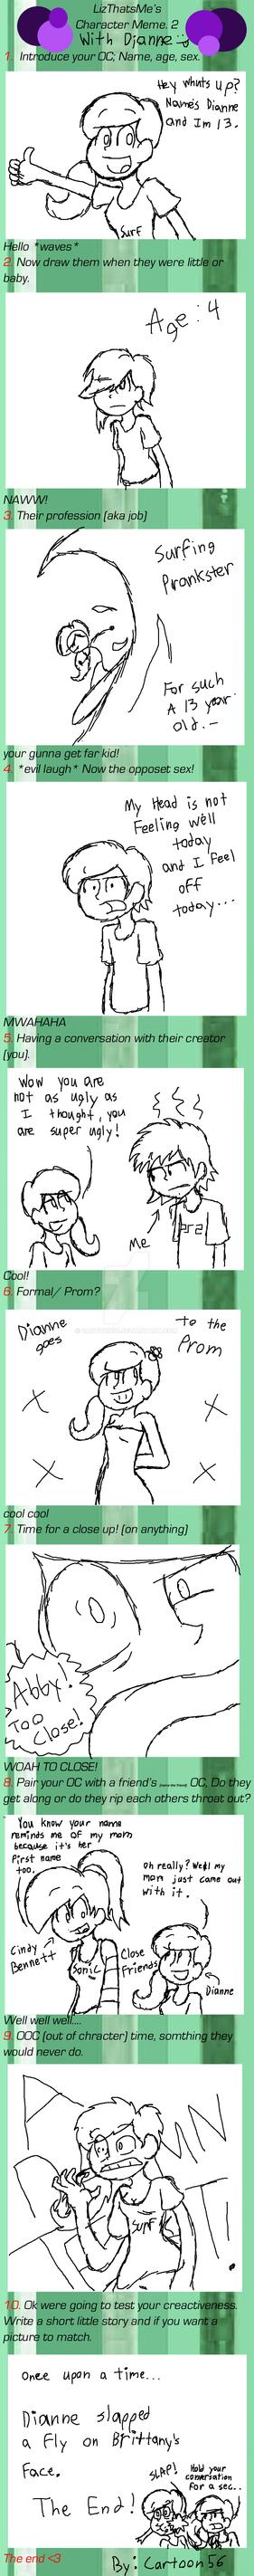 Dianne meme by cartoon56